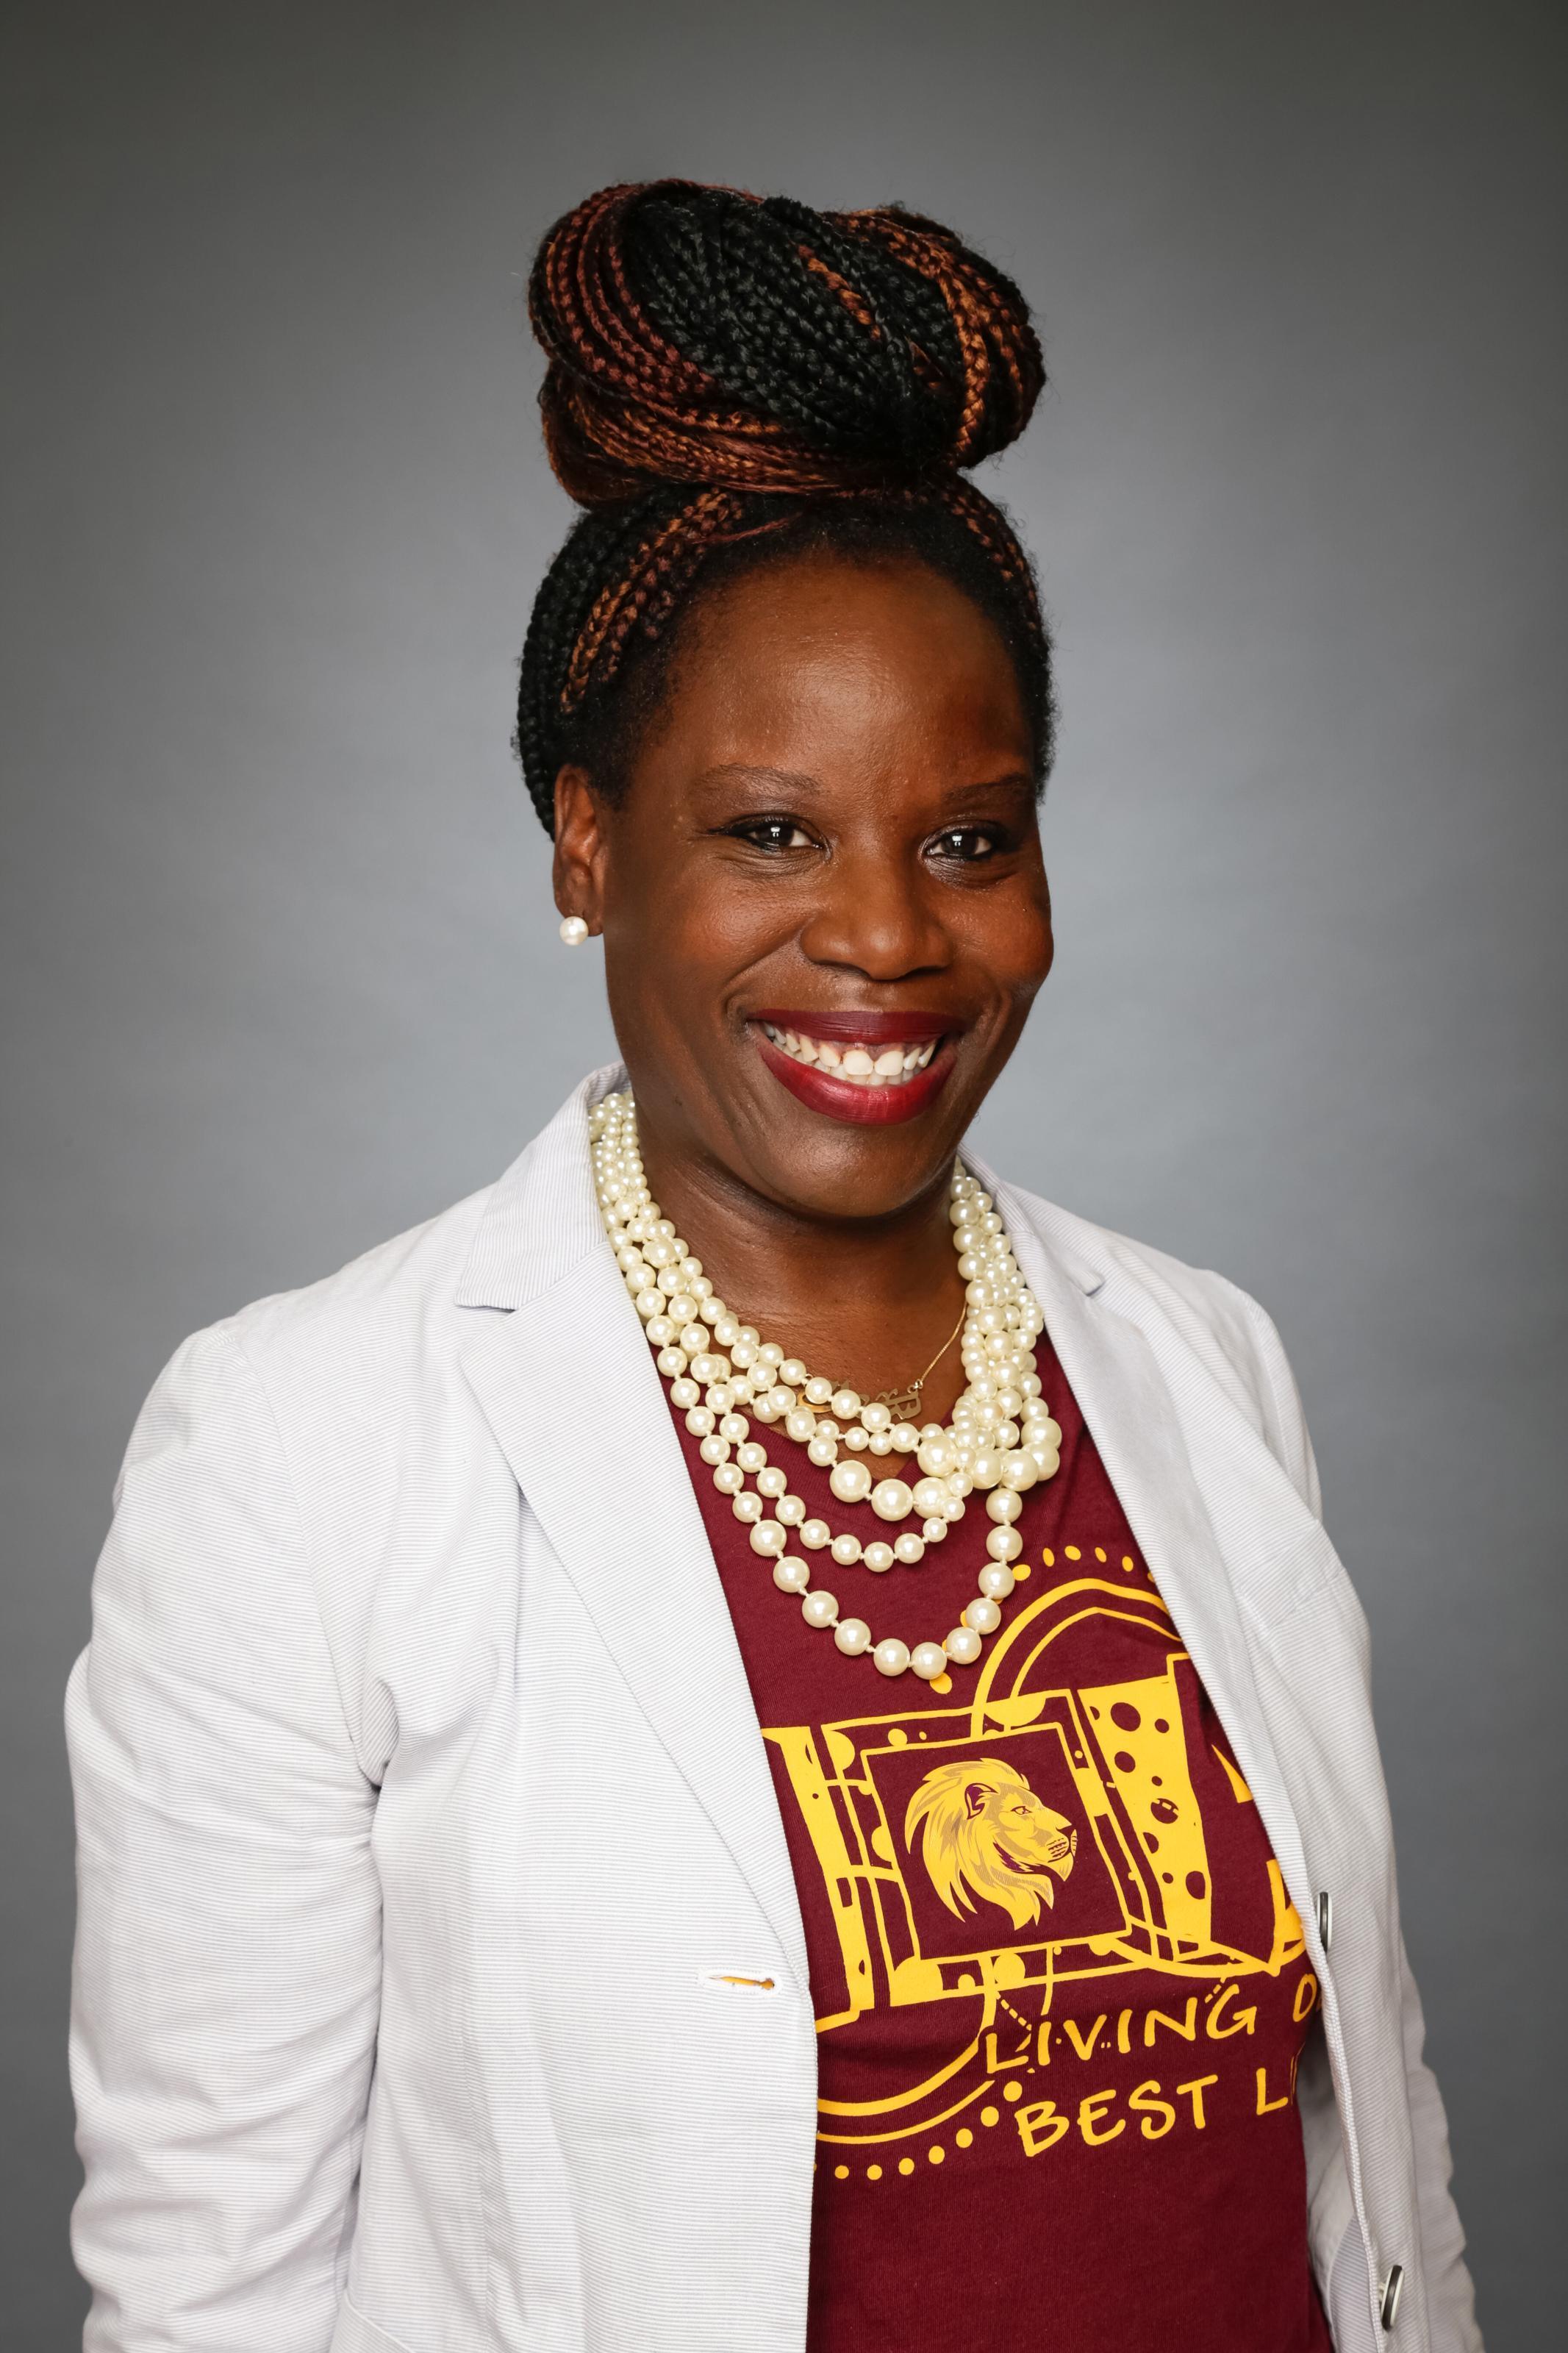 Principal Samantha Pugh